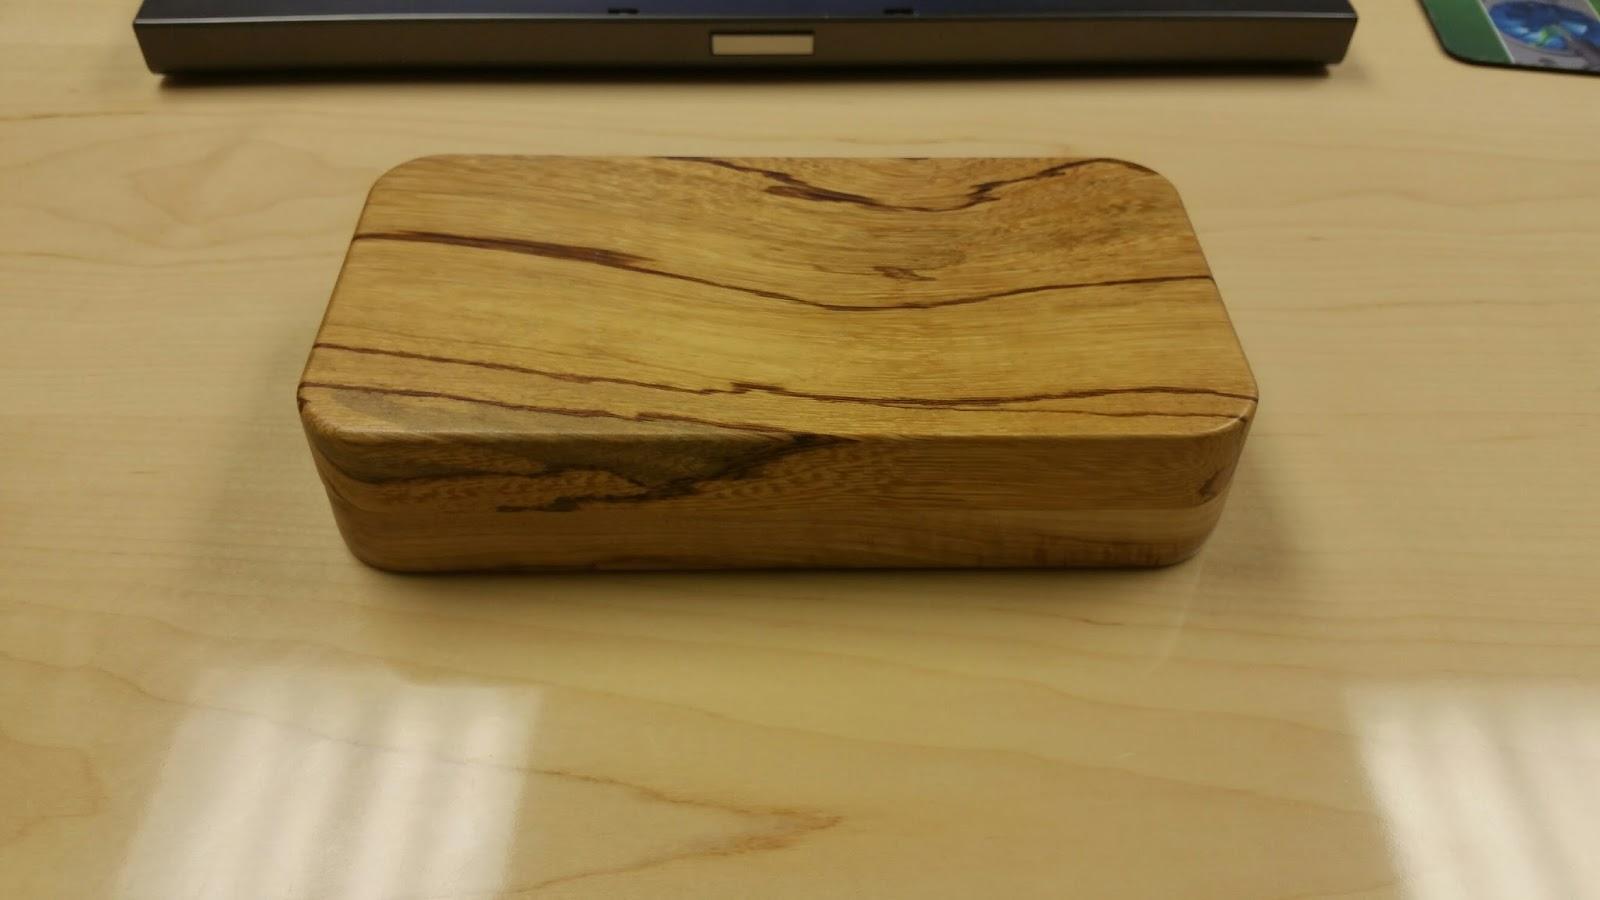 Bills Custom Wood Products Pill Box